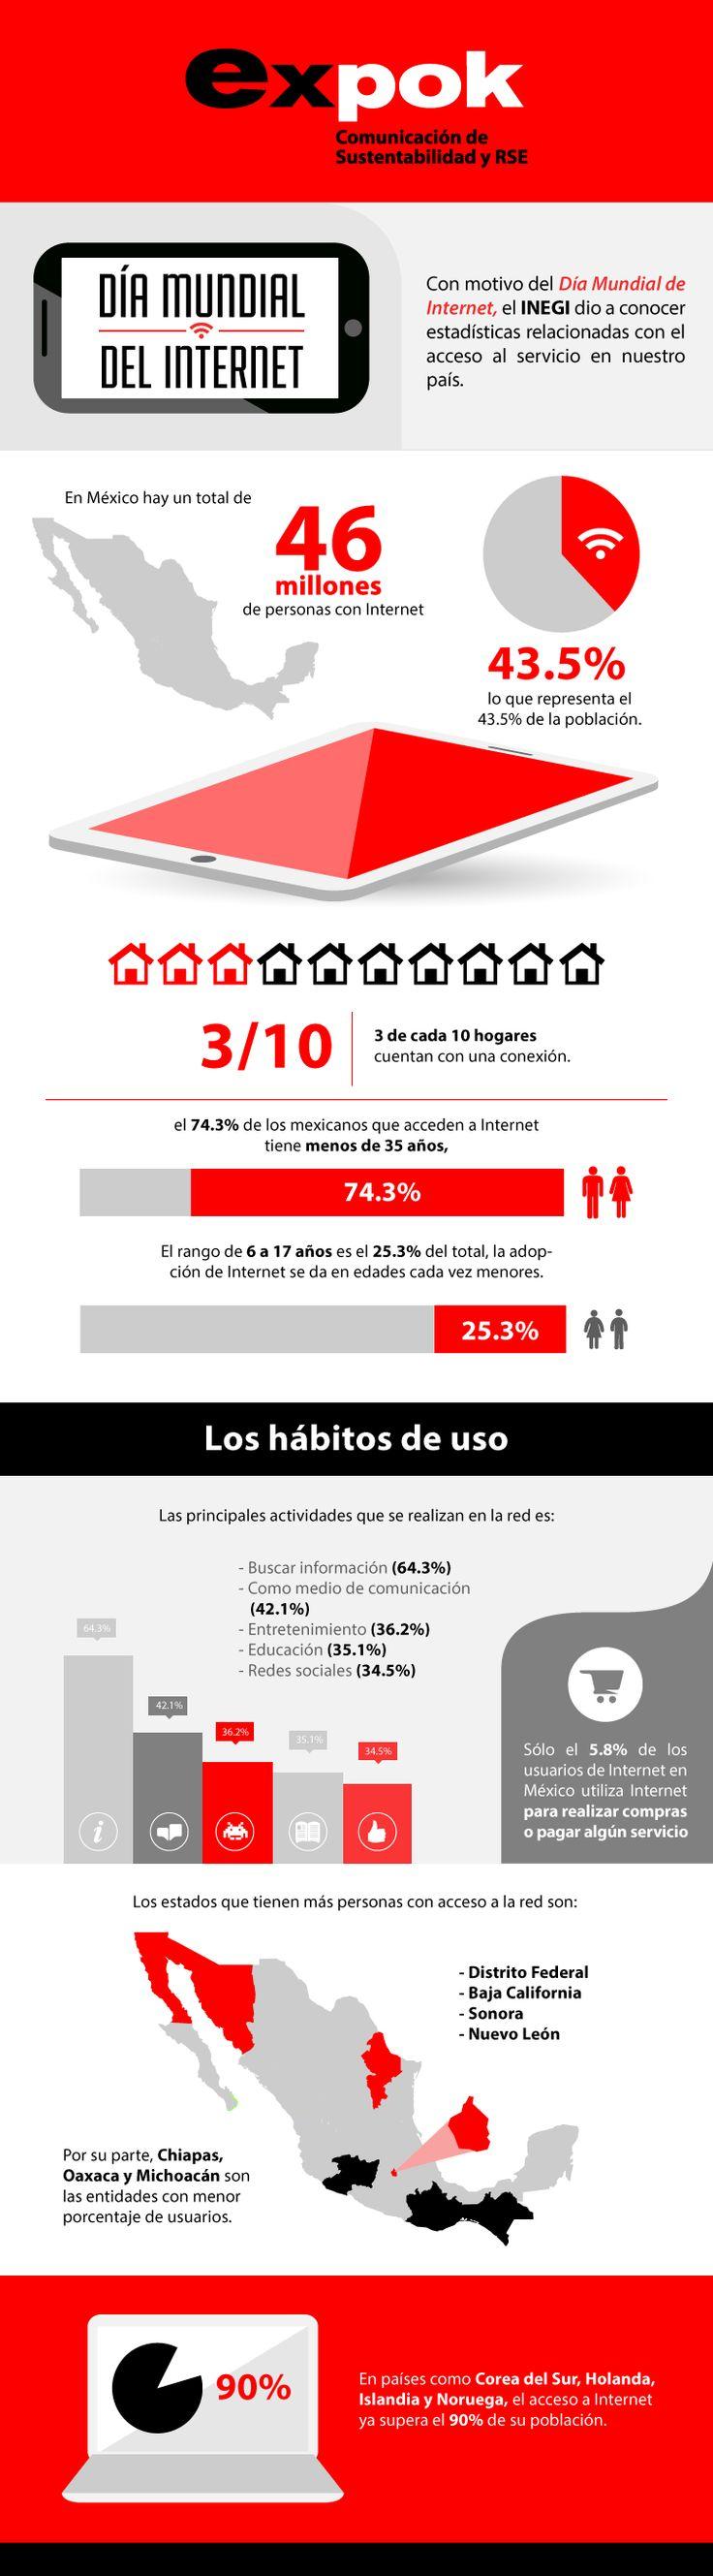 10 datos del Día Mundial del Internet. Infografía.